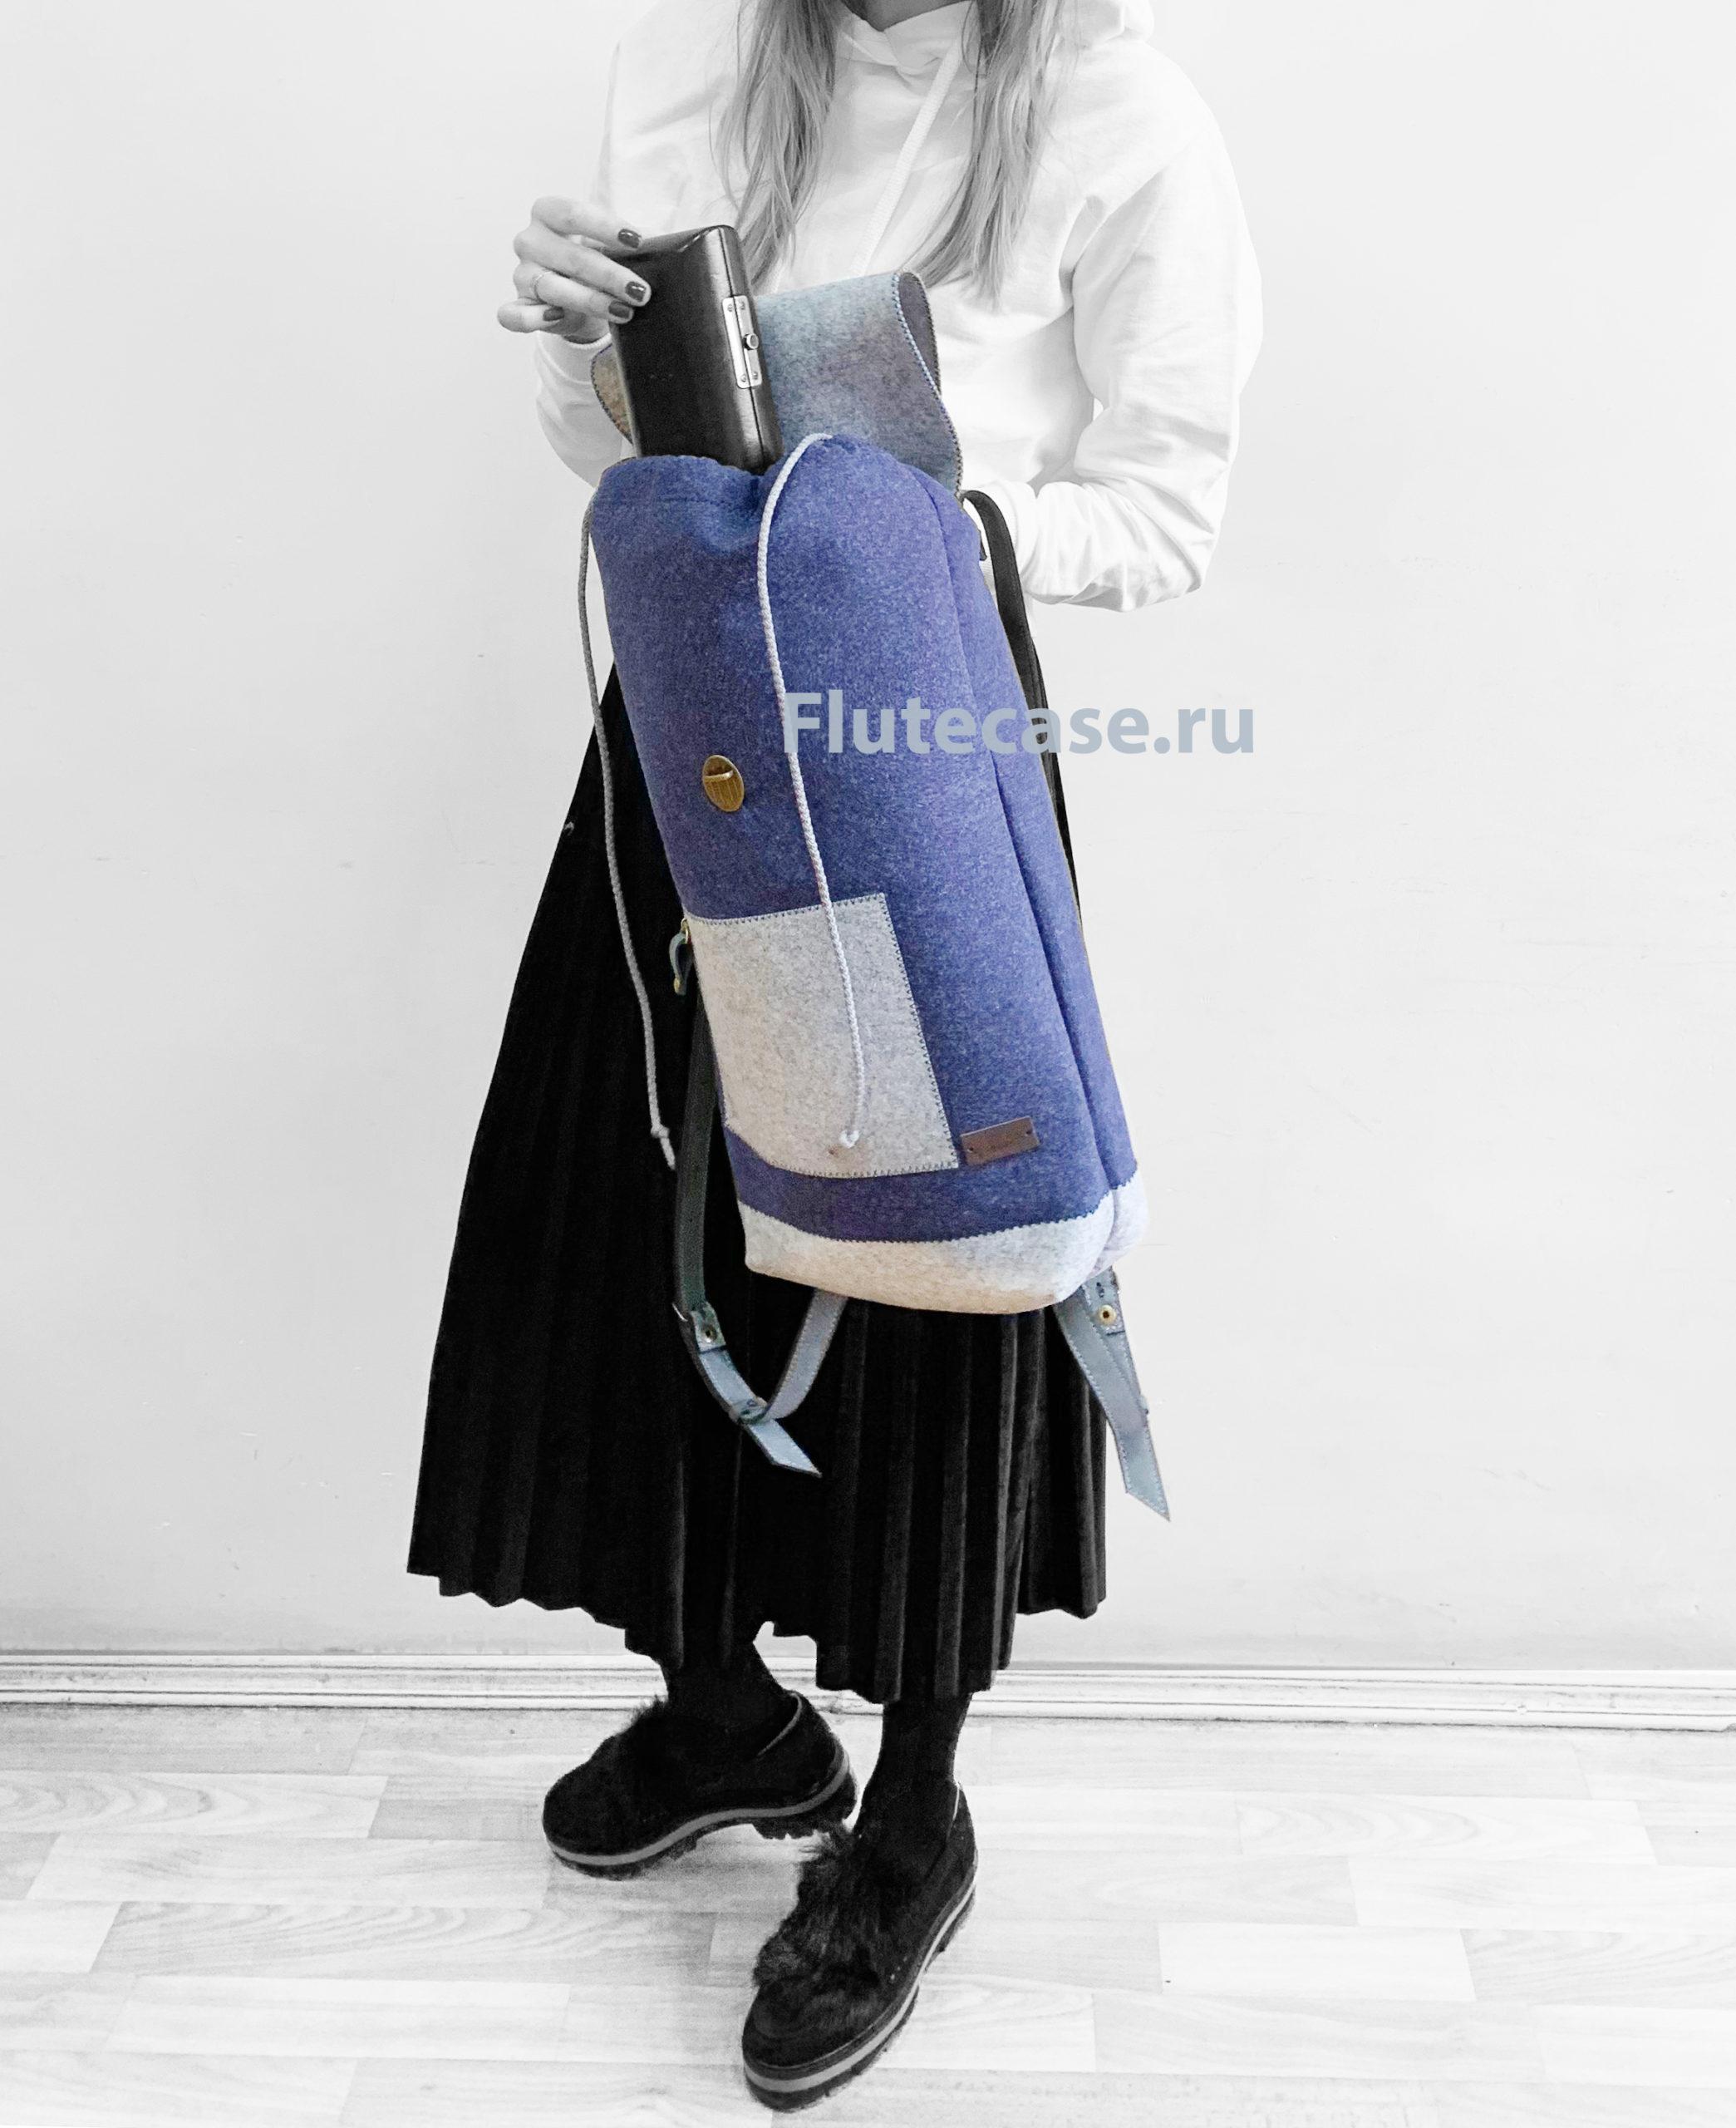 Рюкзак для флейты